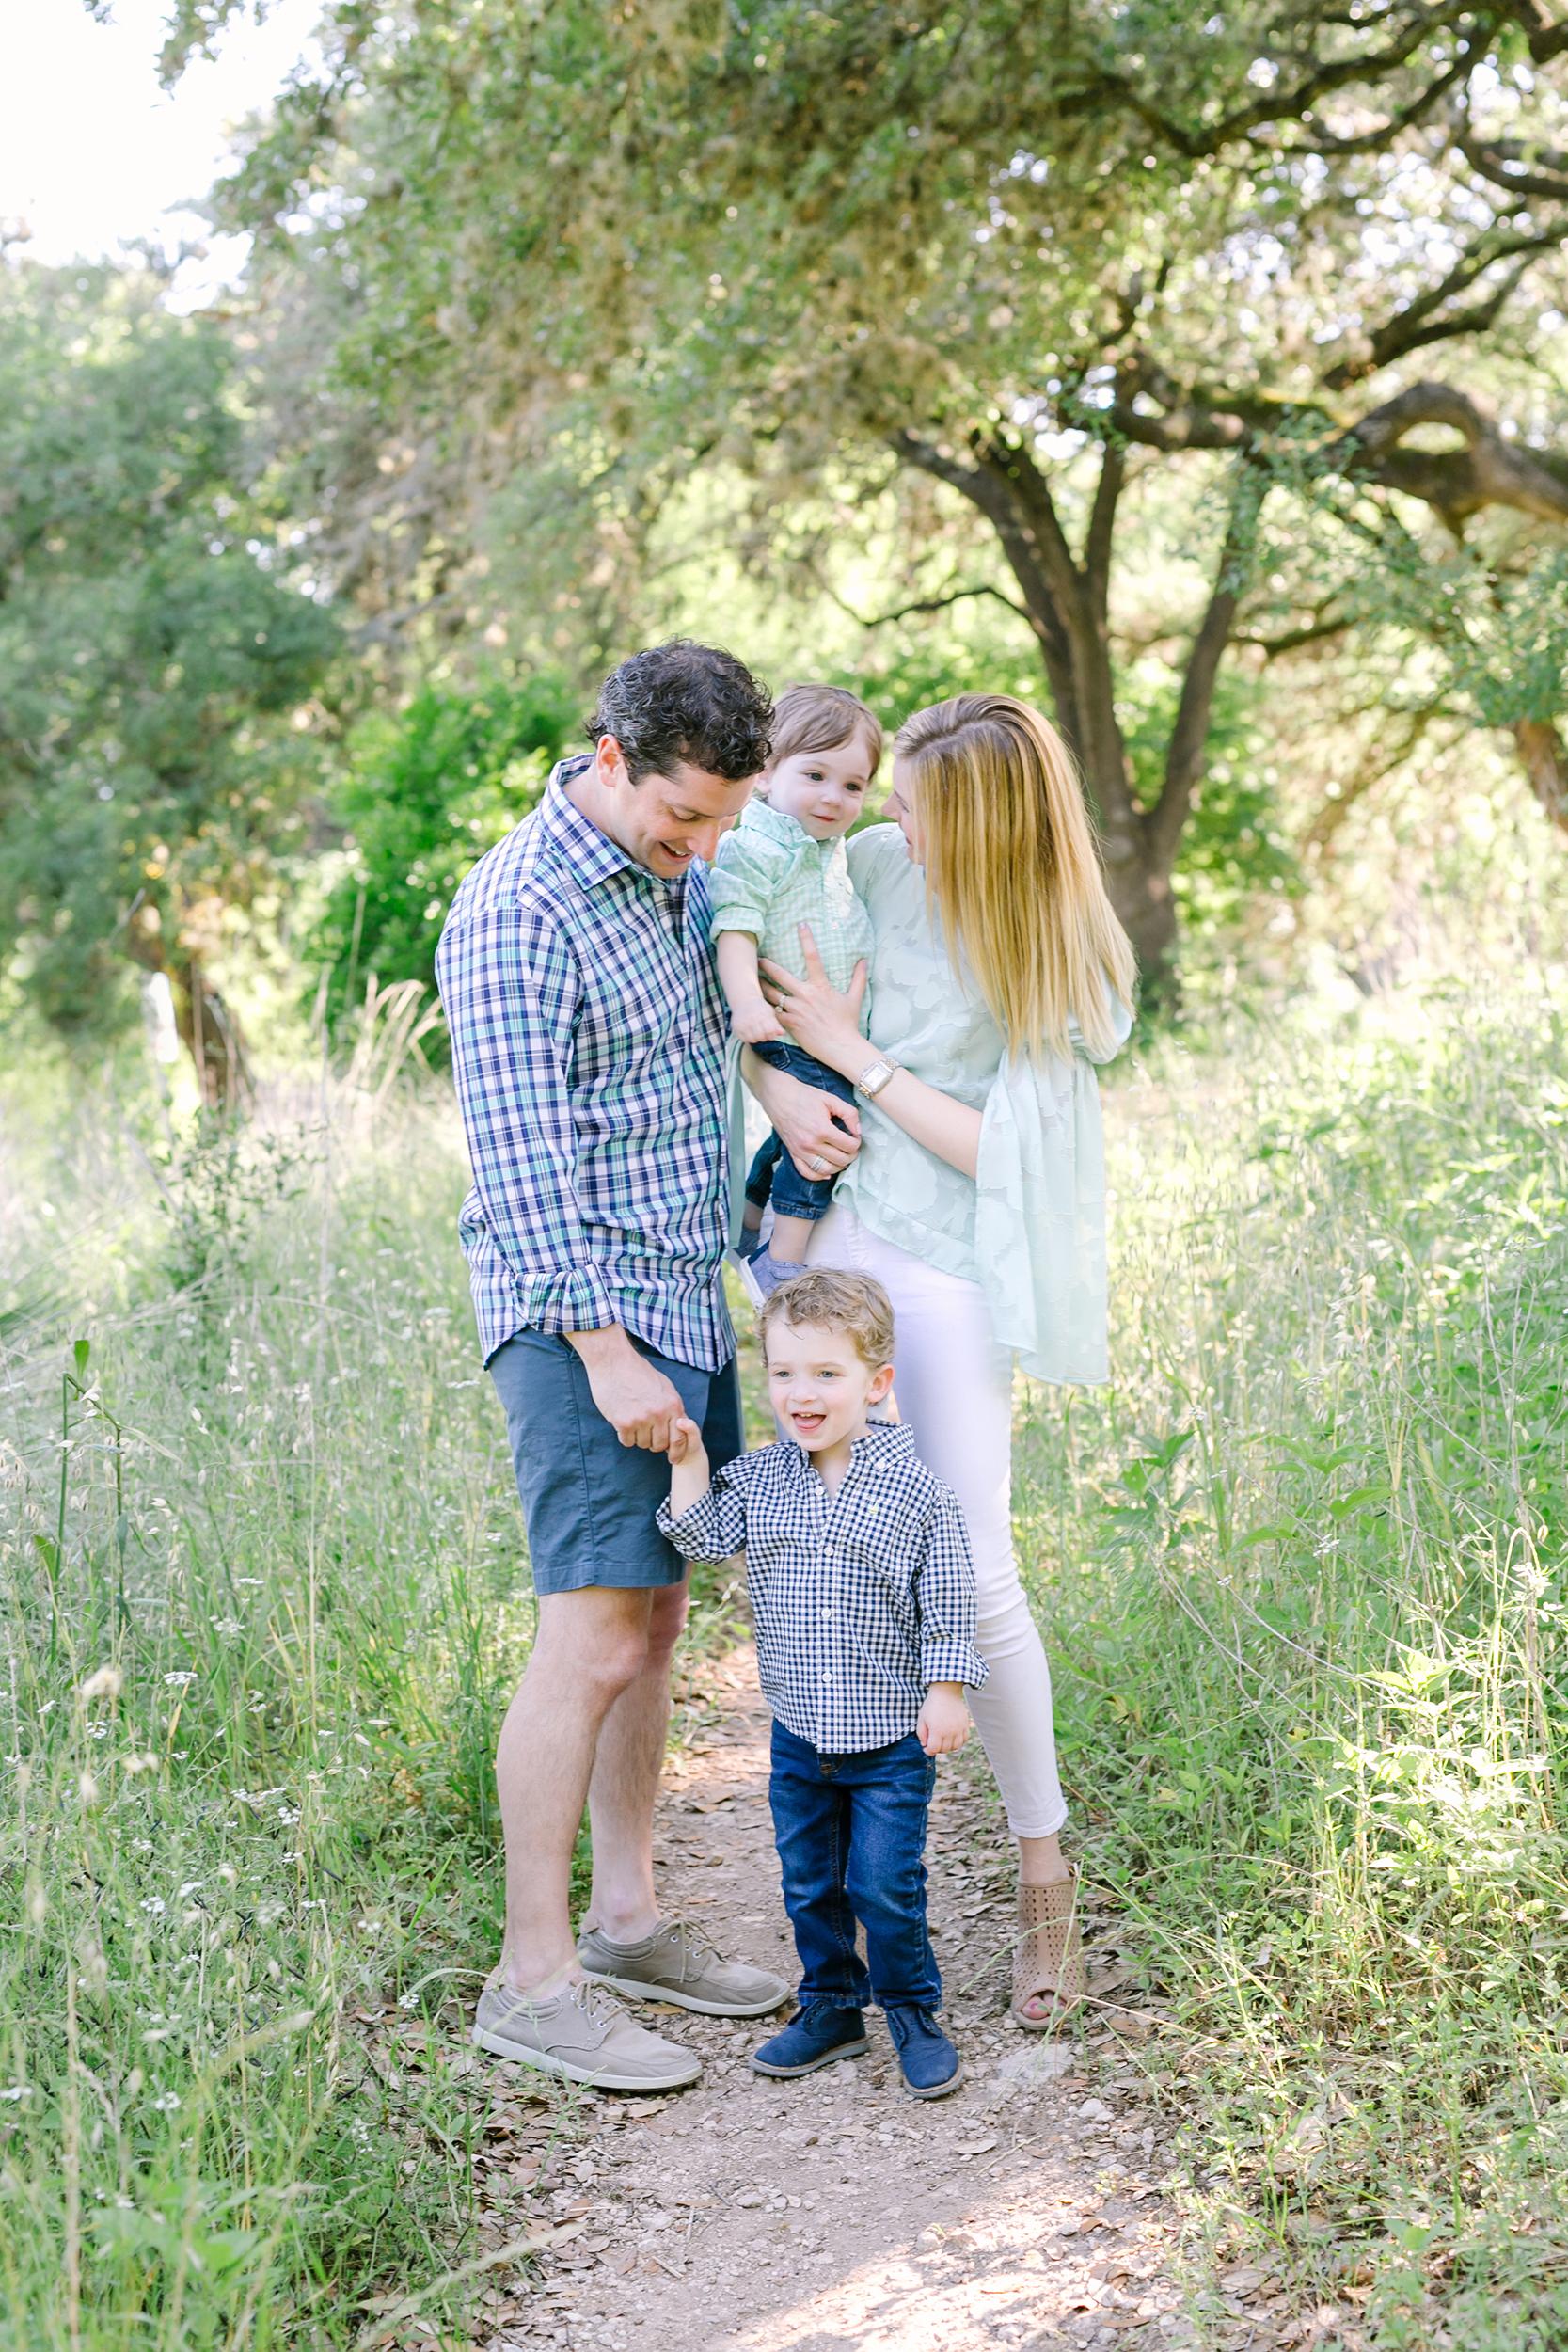 Austin_TX_Family_Photographer_KBP099.jpg